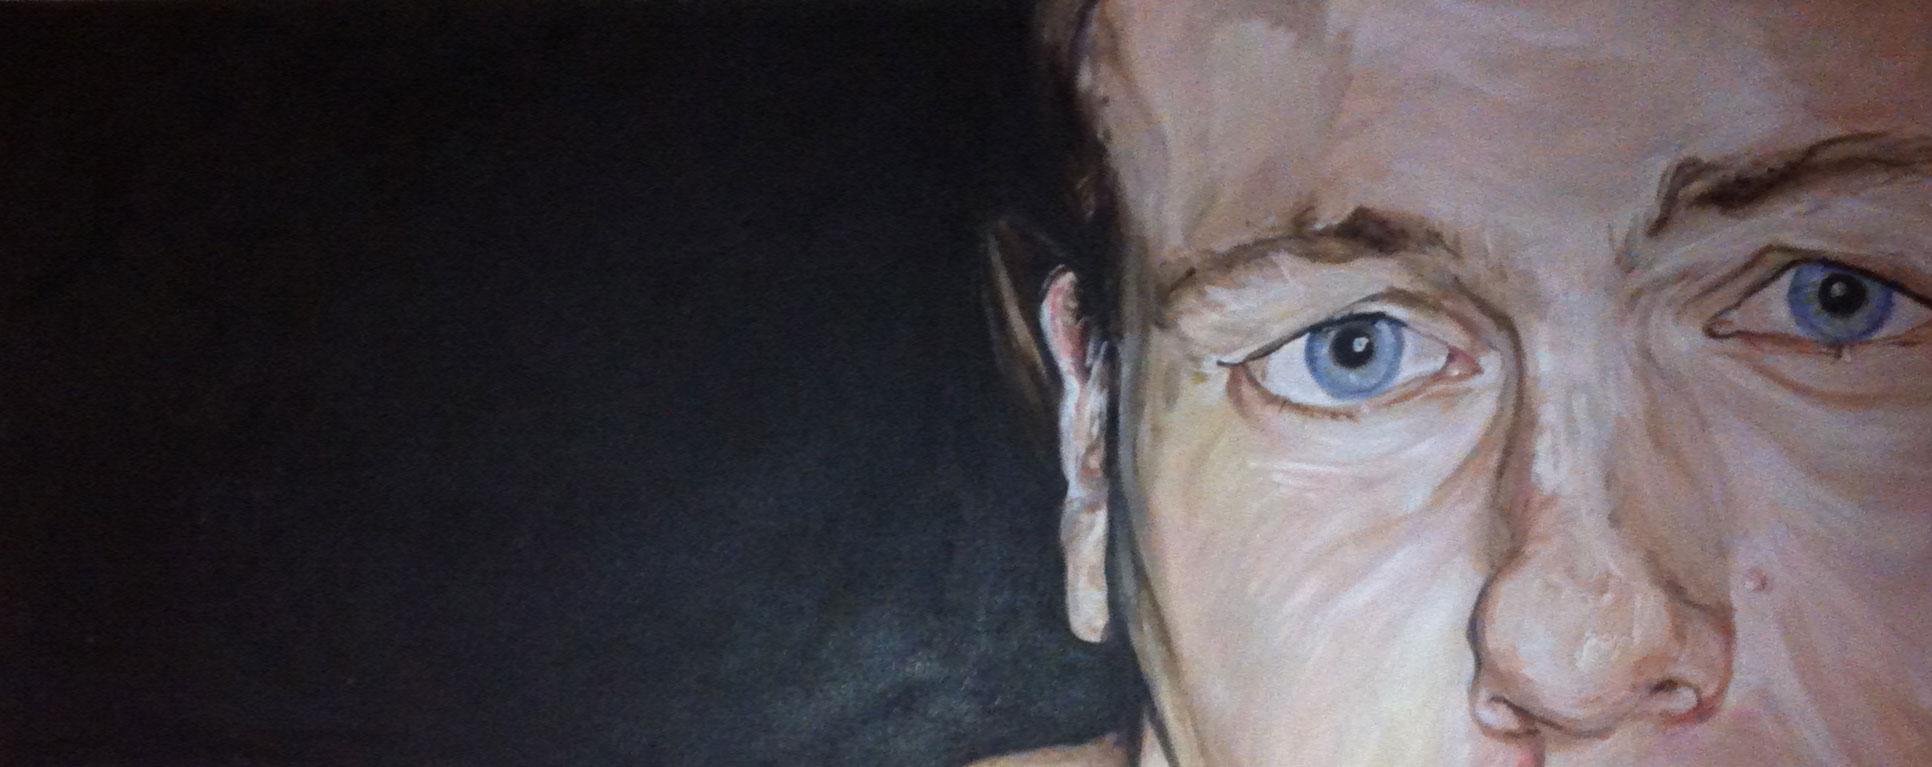 Dale Painting Caption ALT